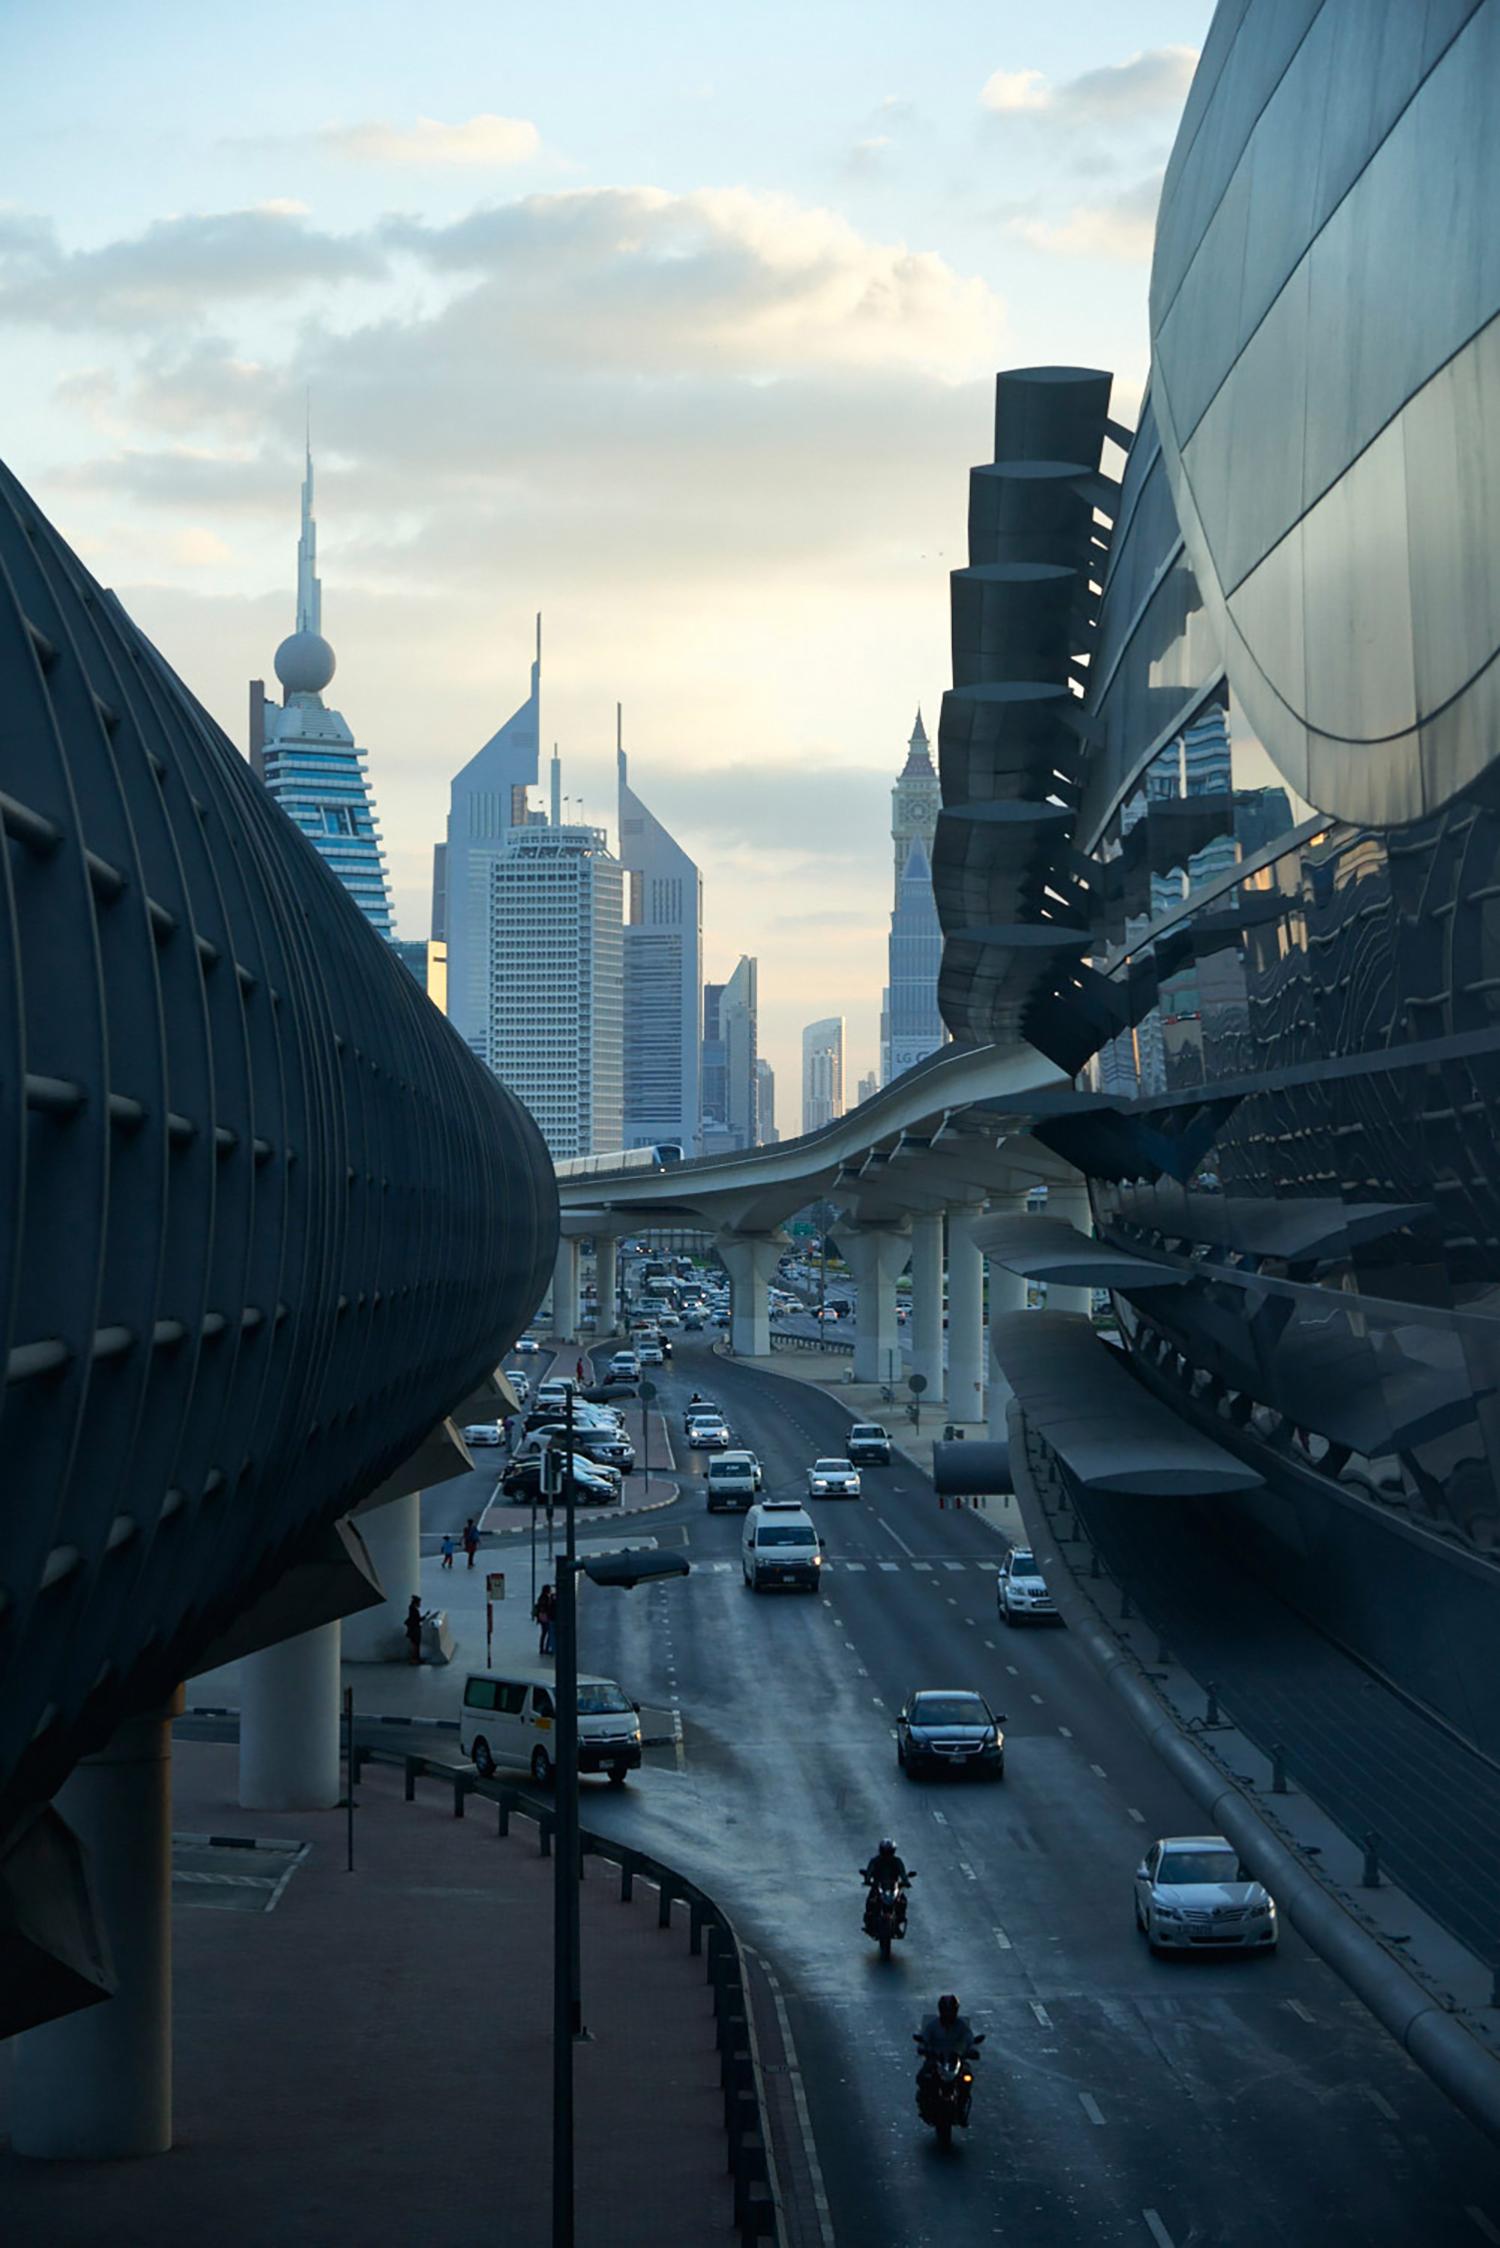 Dubai, United Arab Emirates, 2014